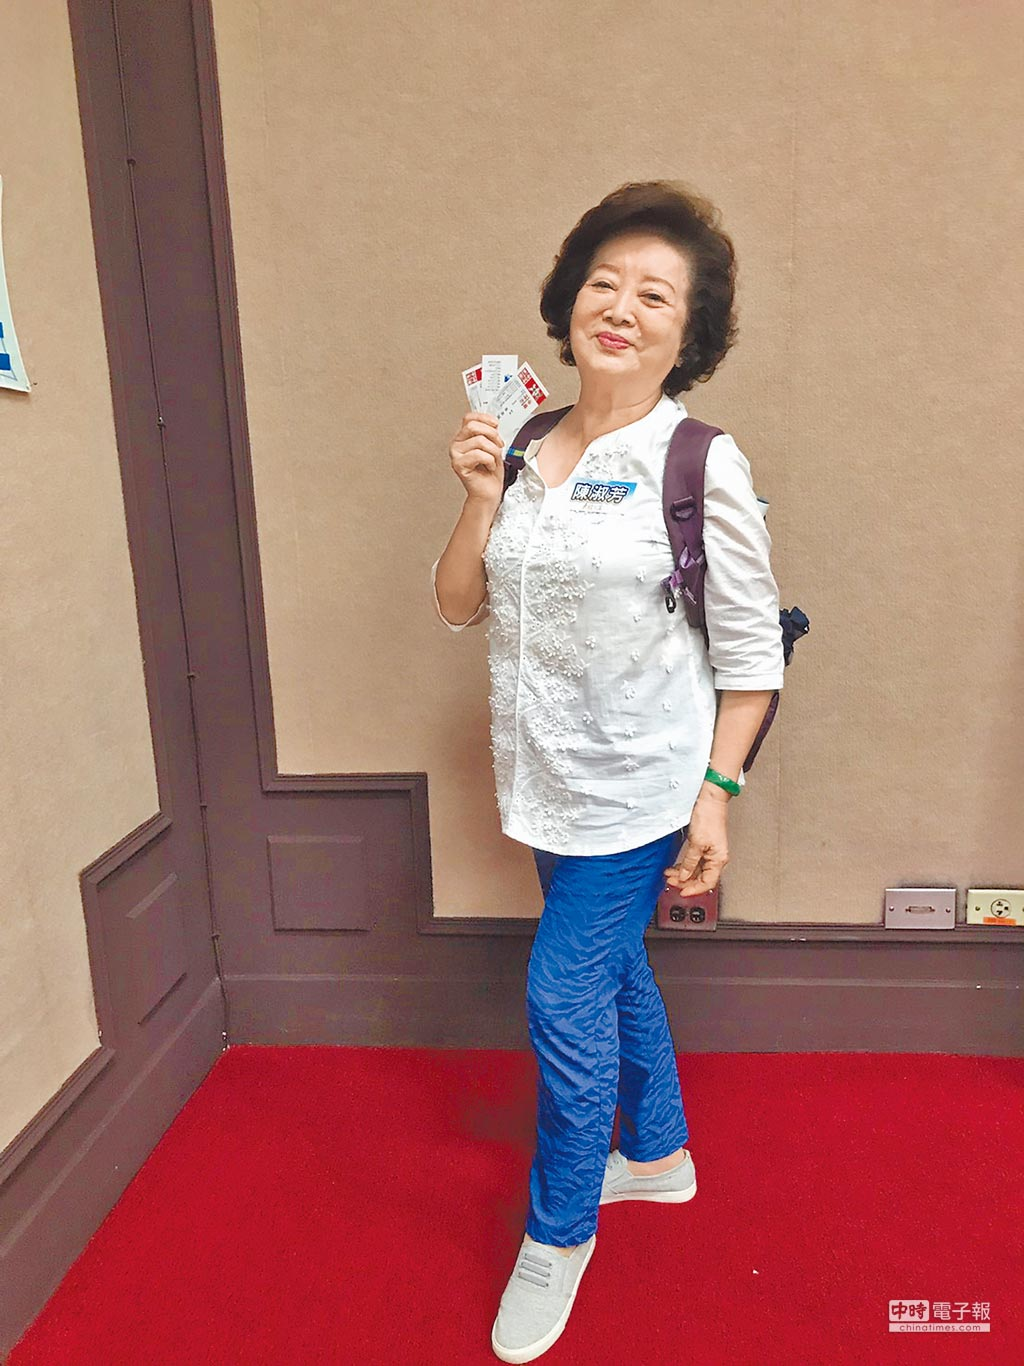 陳淑芳年近80但愈活愈年輕,外出標準配備是揹雙肩背包。(林淑娟攝)